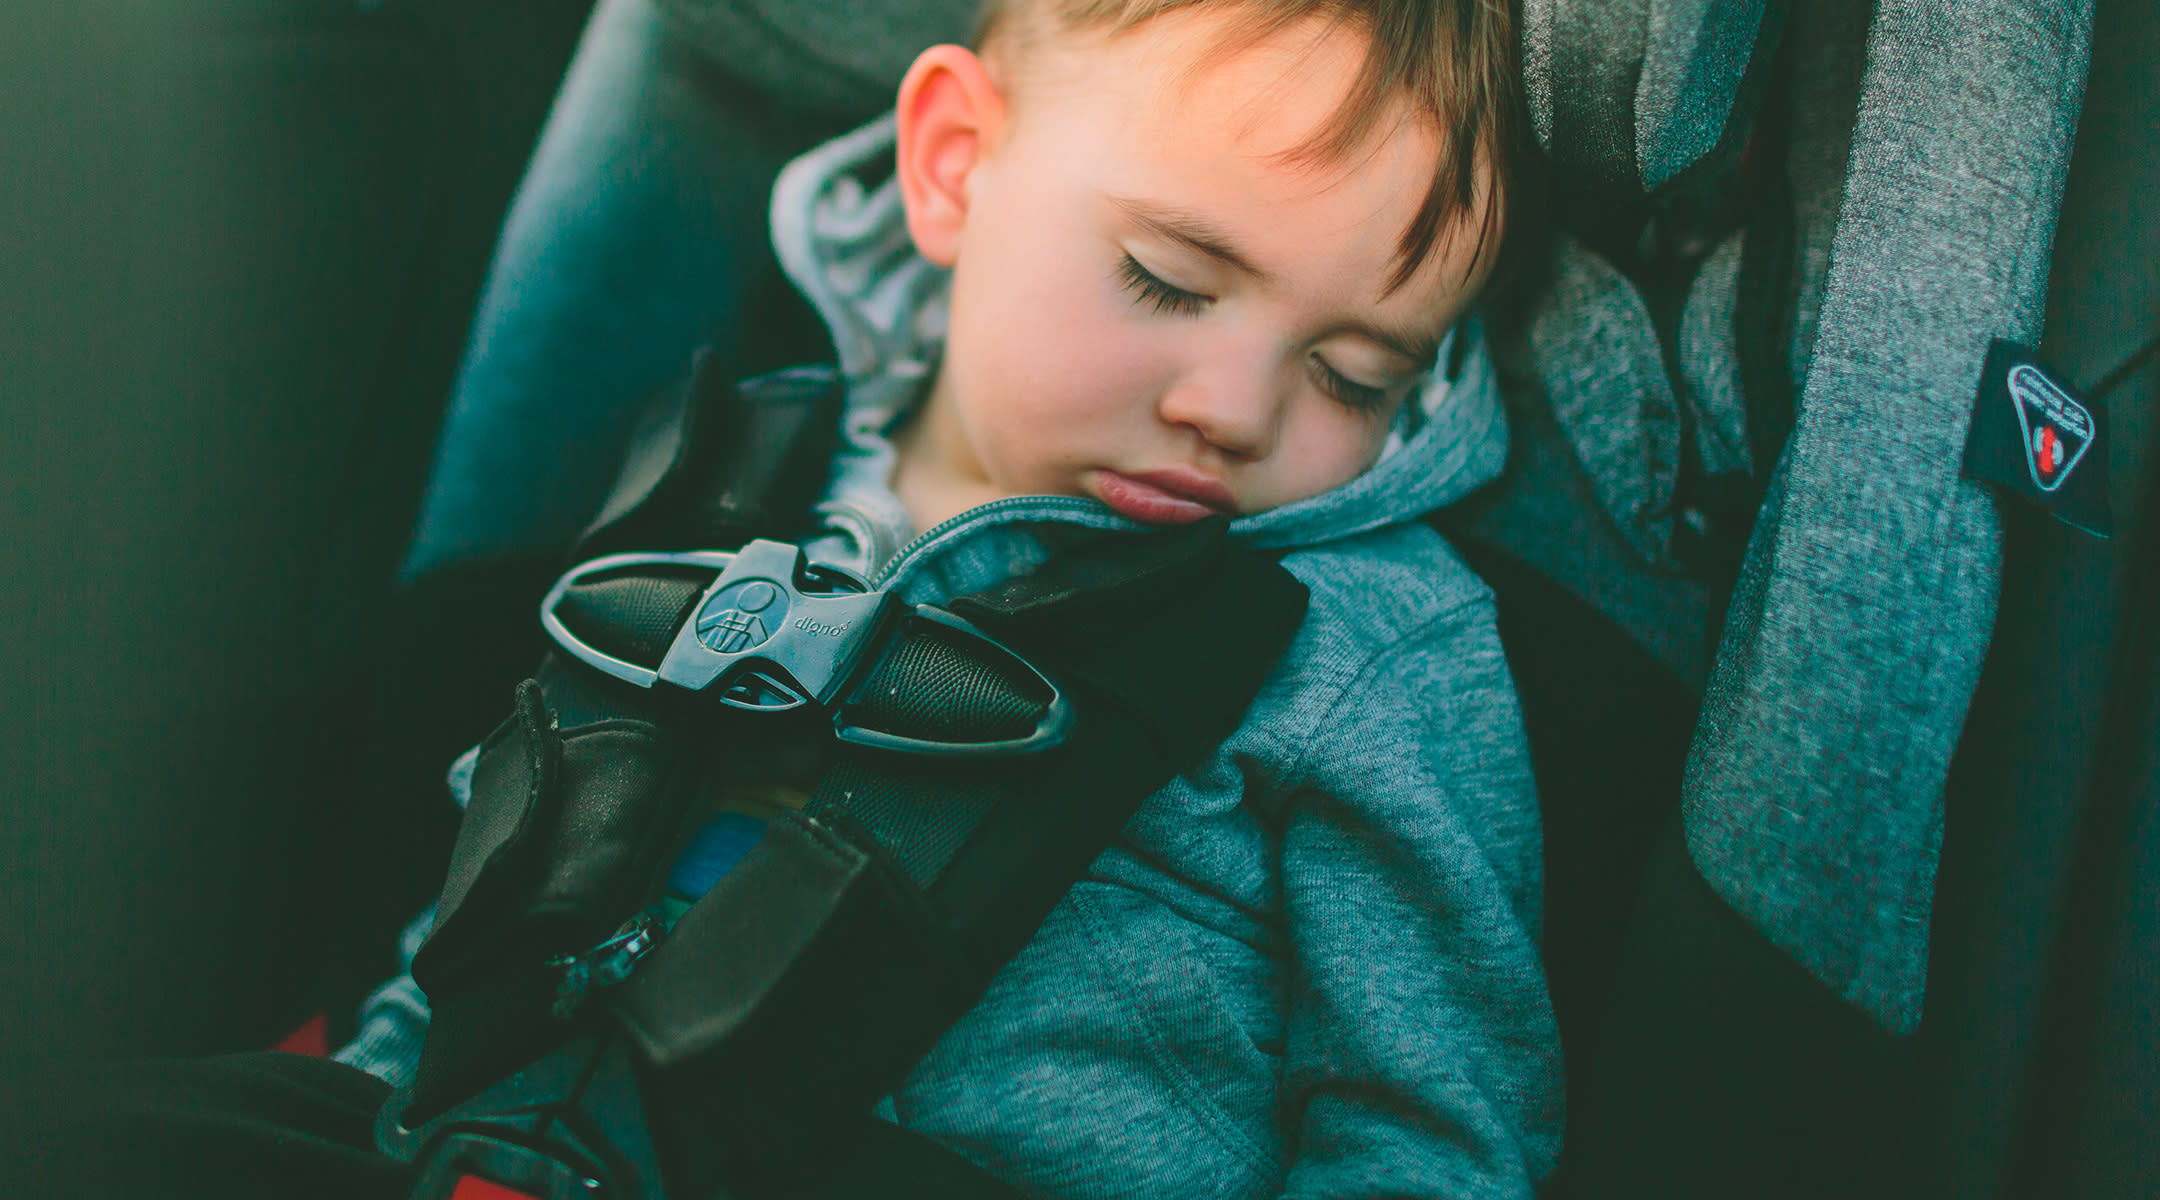 Toddler Boy Asleep In Car Seat